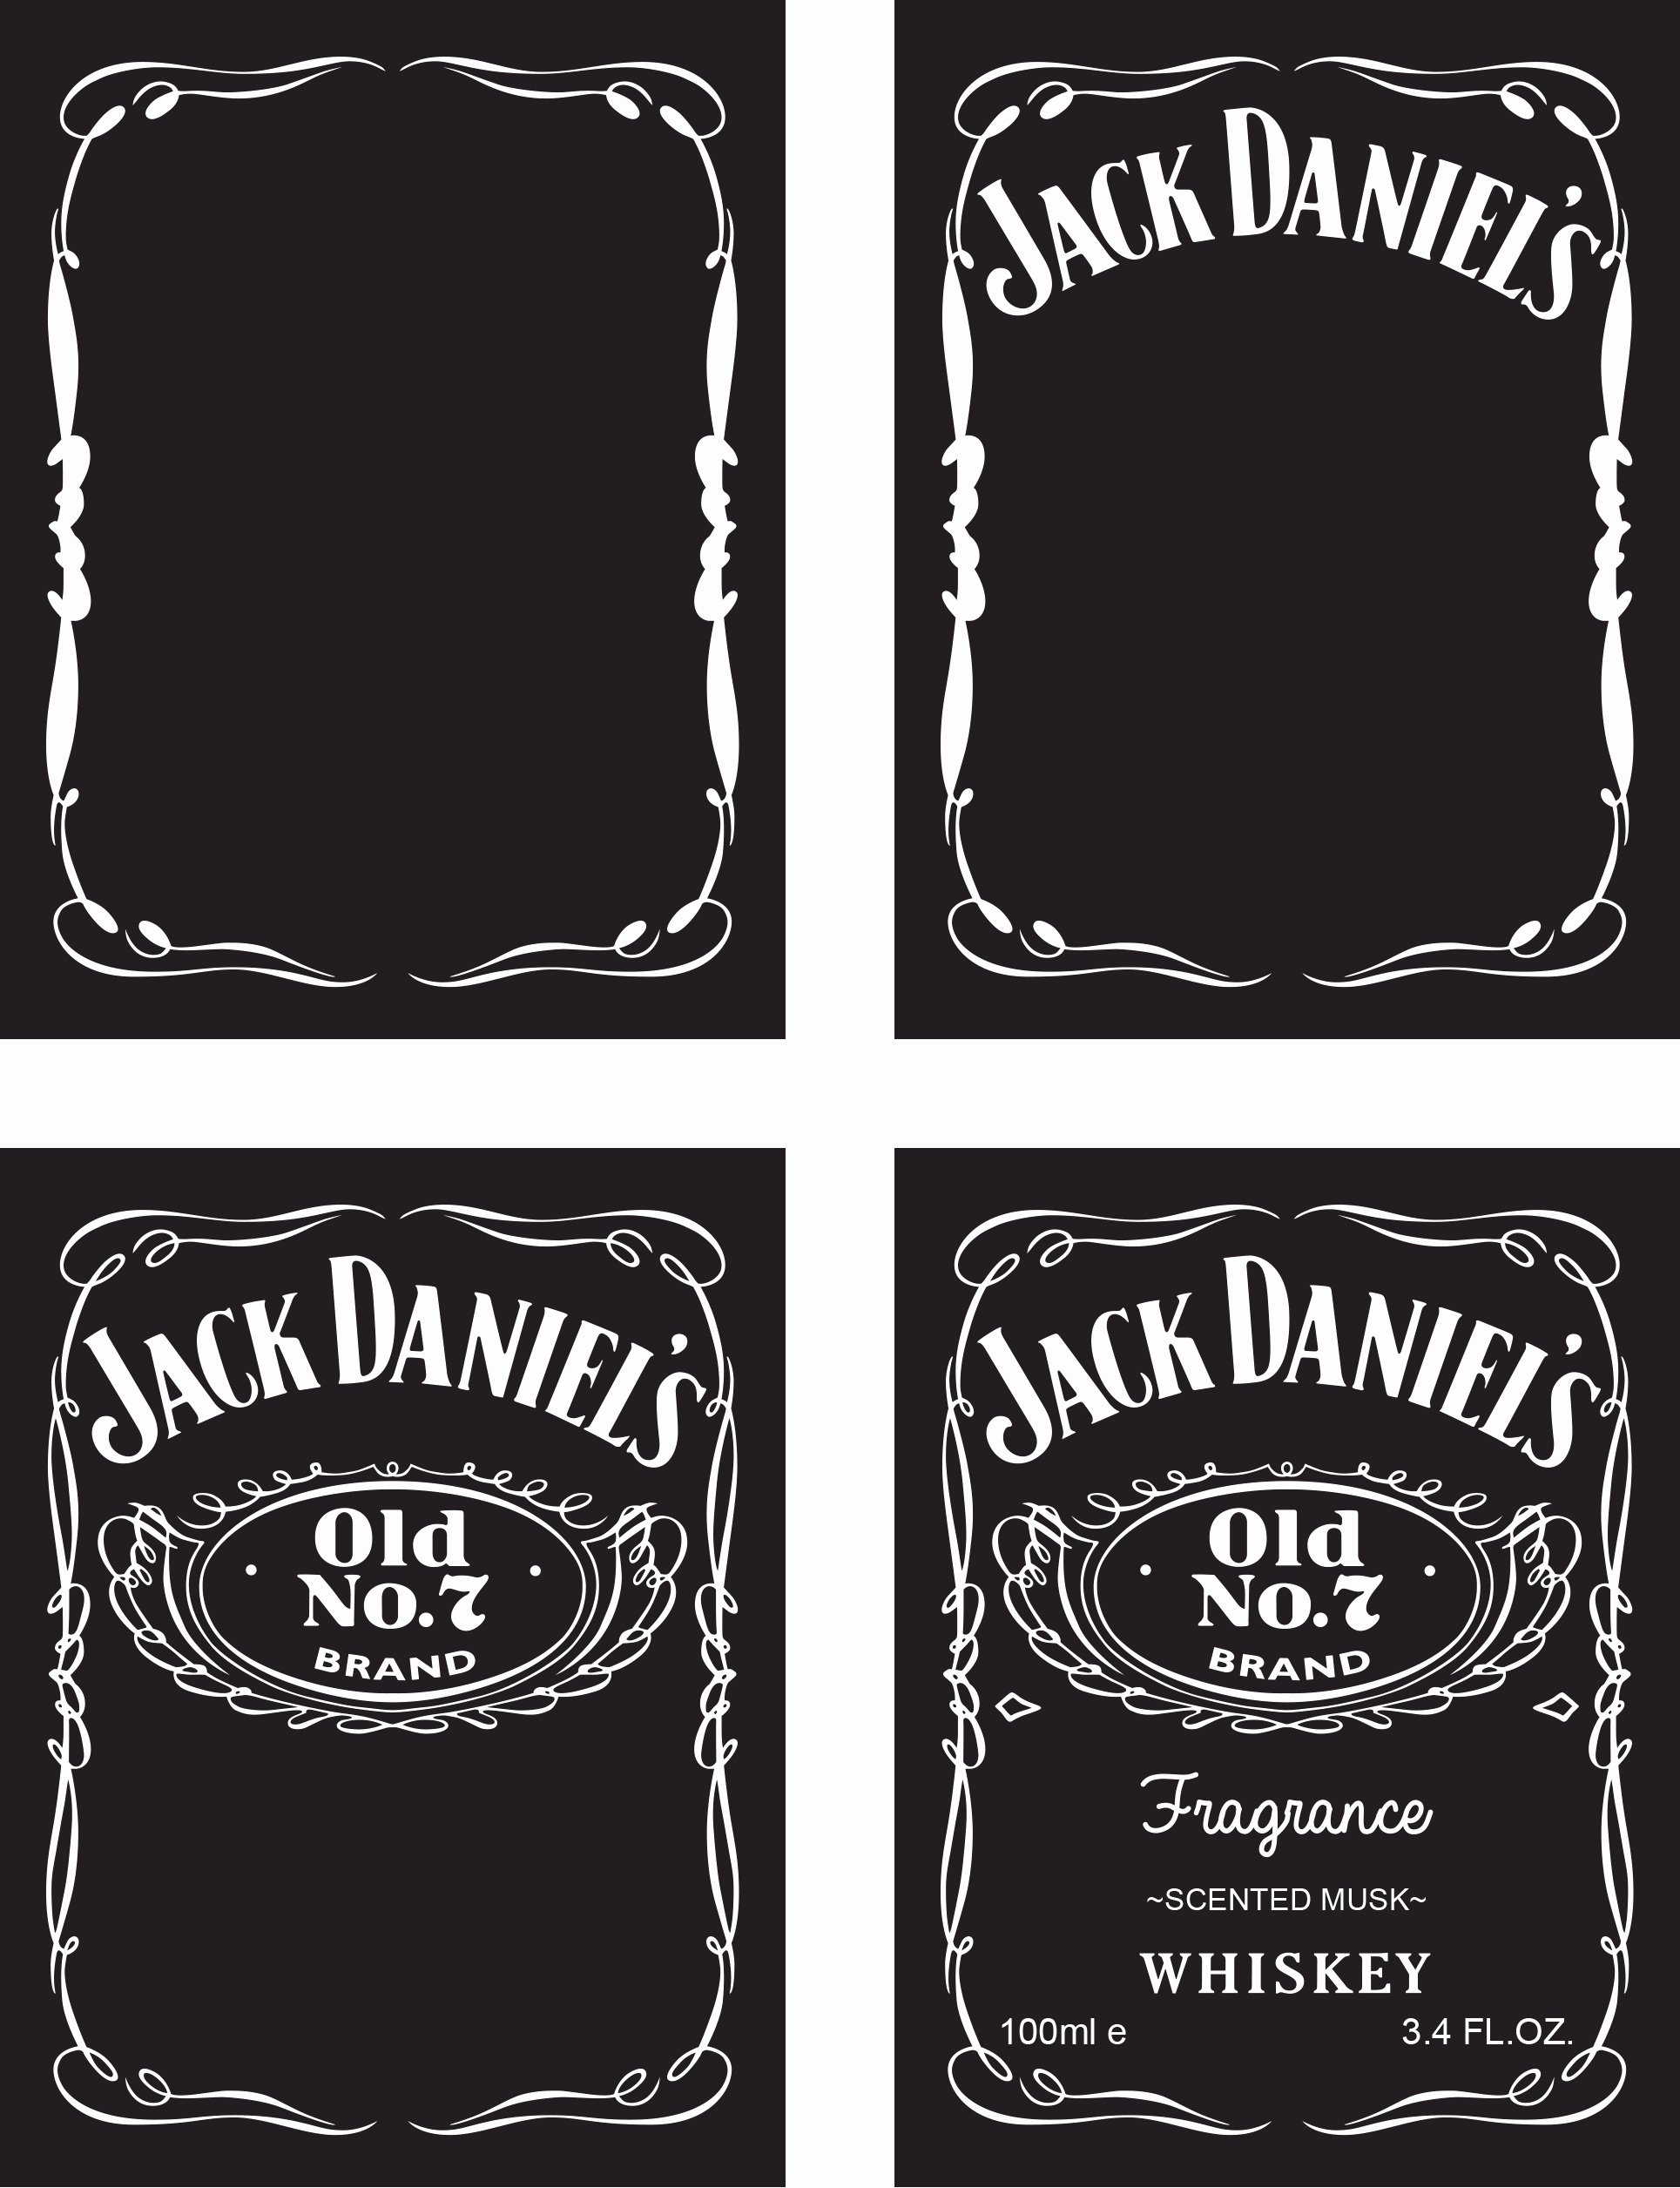 Jack Daniels Label Template Generator